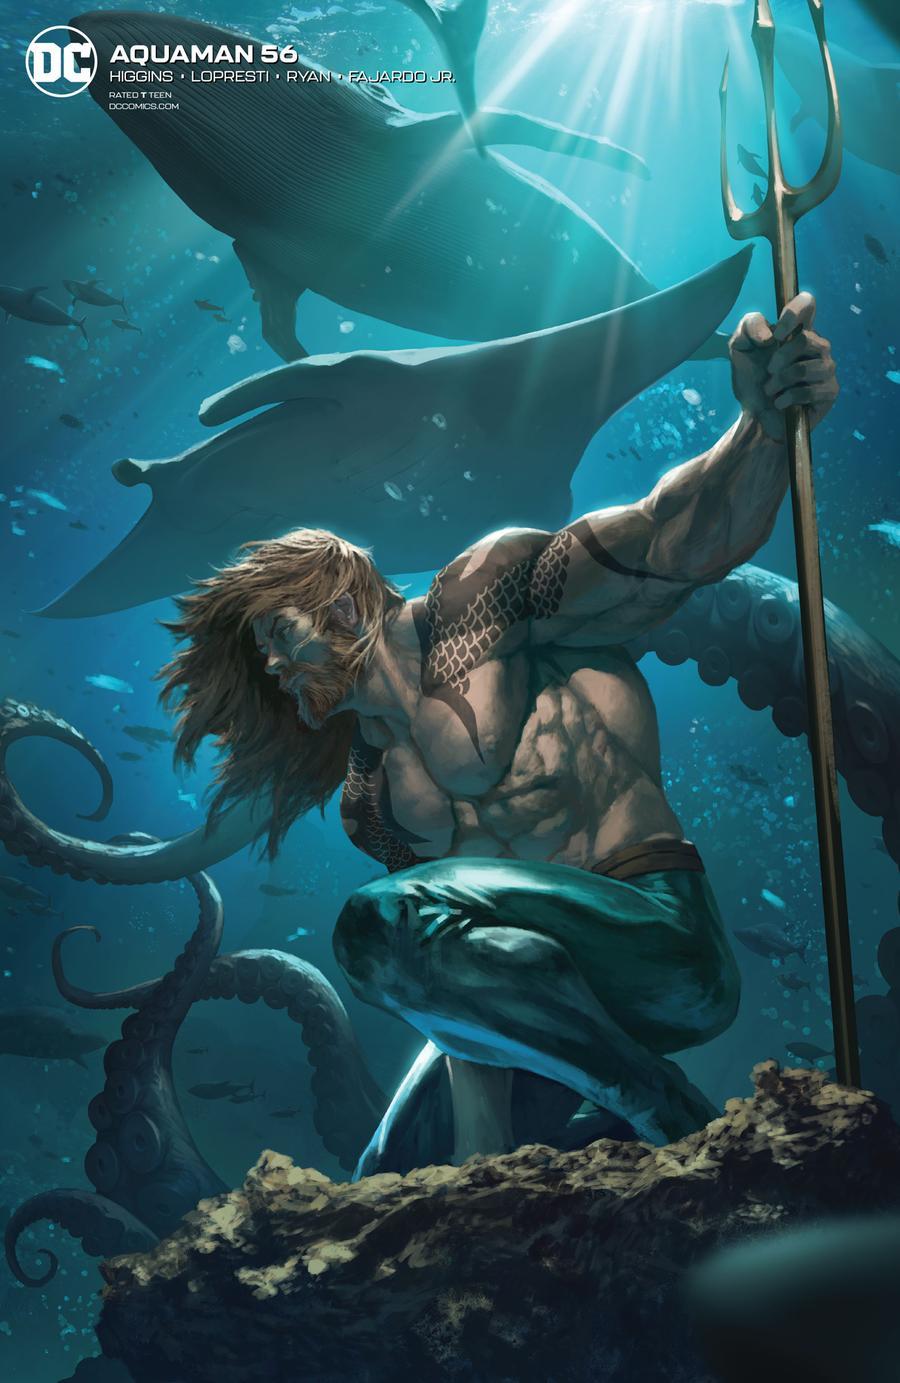 Aquaman Vol 6 #56 Cover B Variant Skan Cover